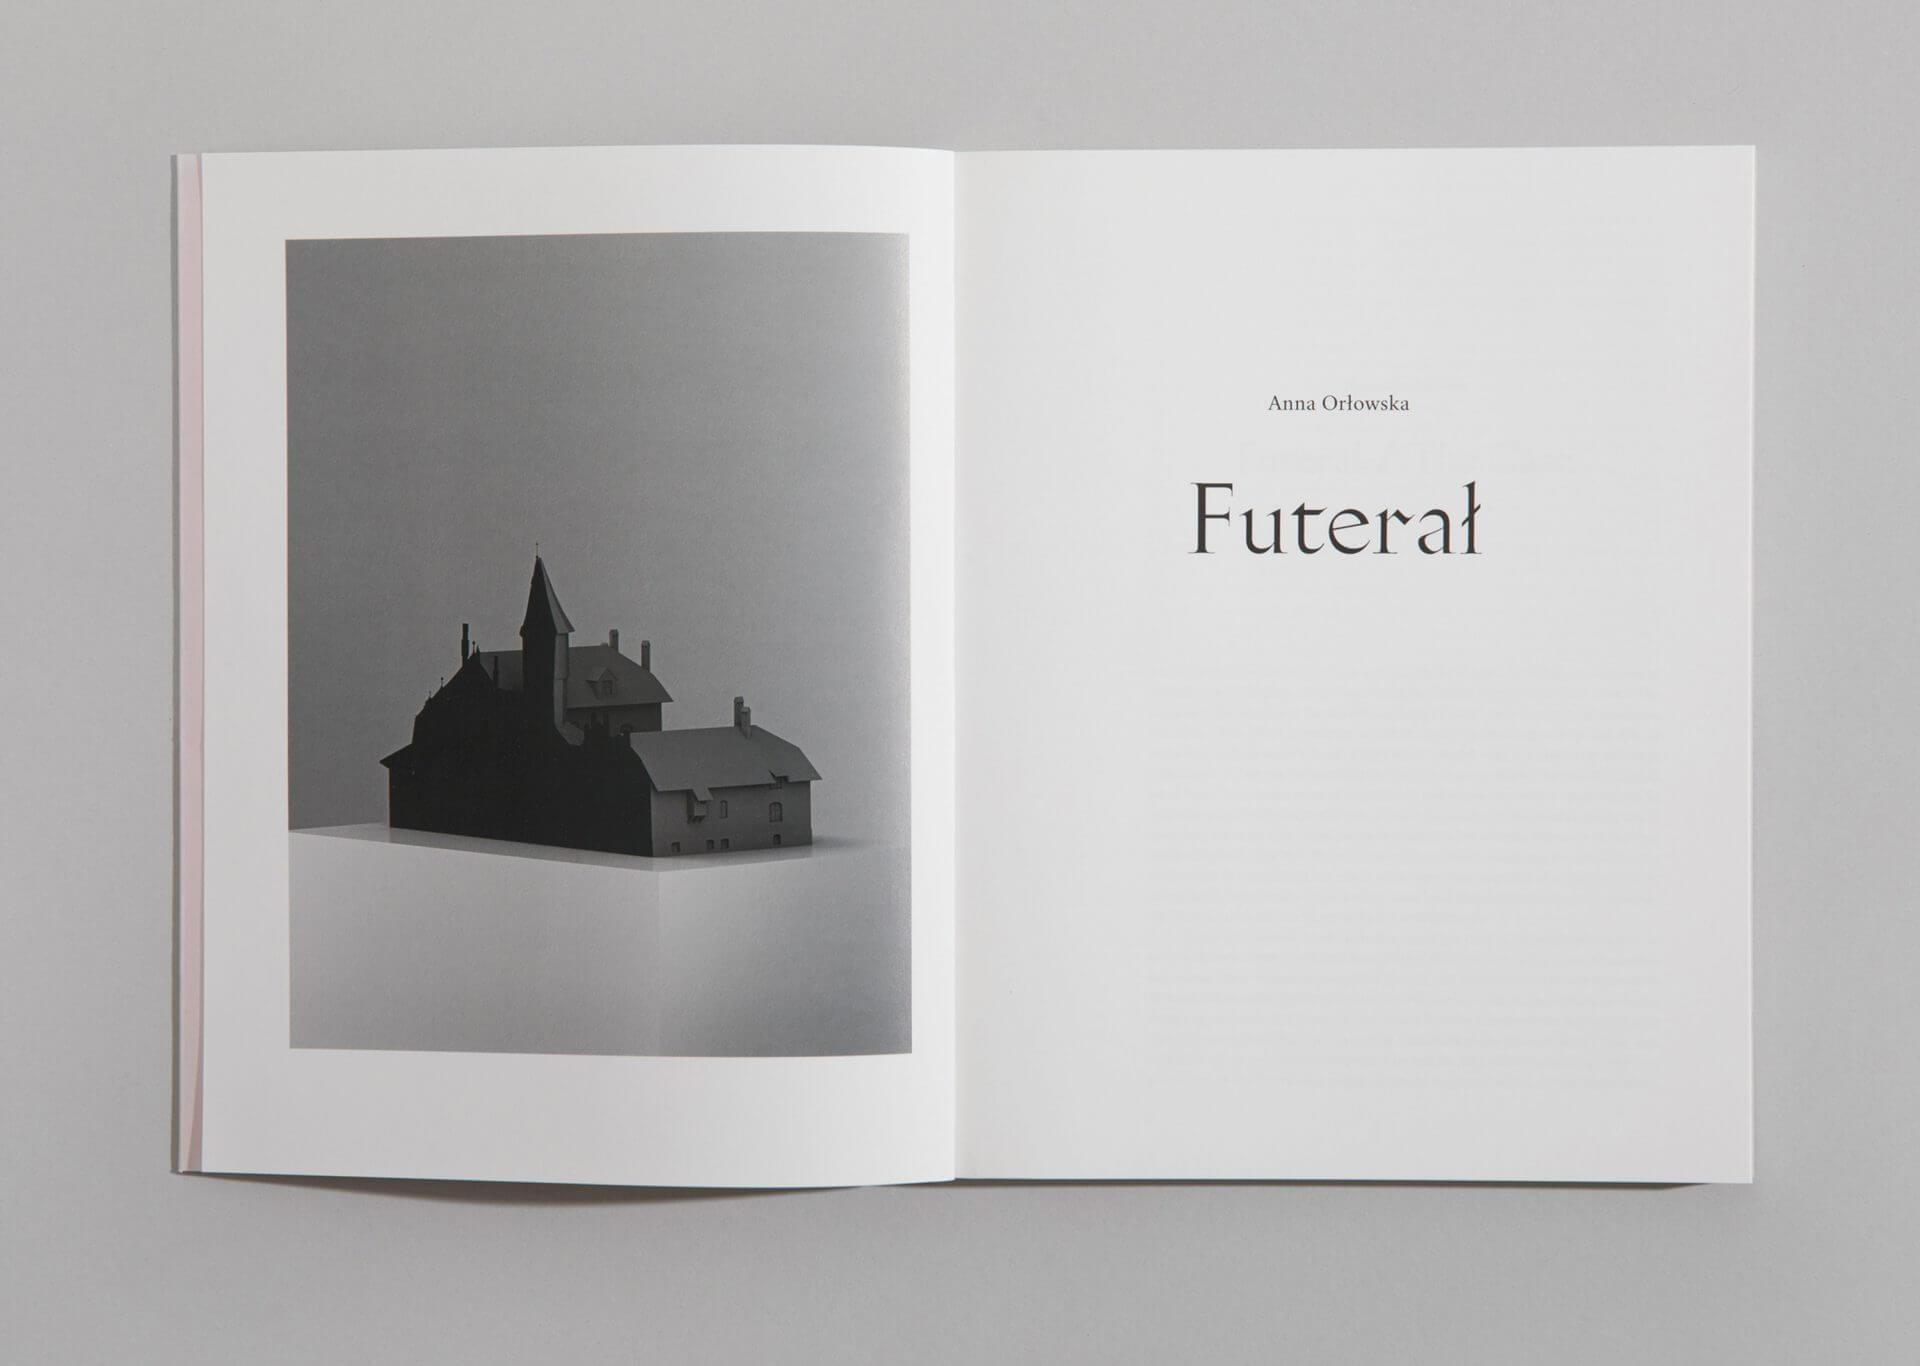 Futerał – wystawa Anny Orłowskiej wMpM (31.01 – 22.03)